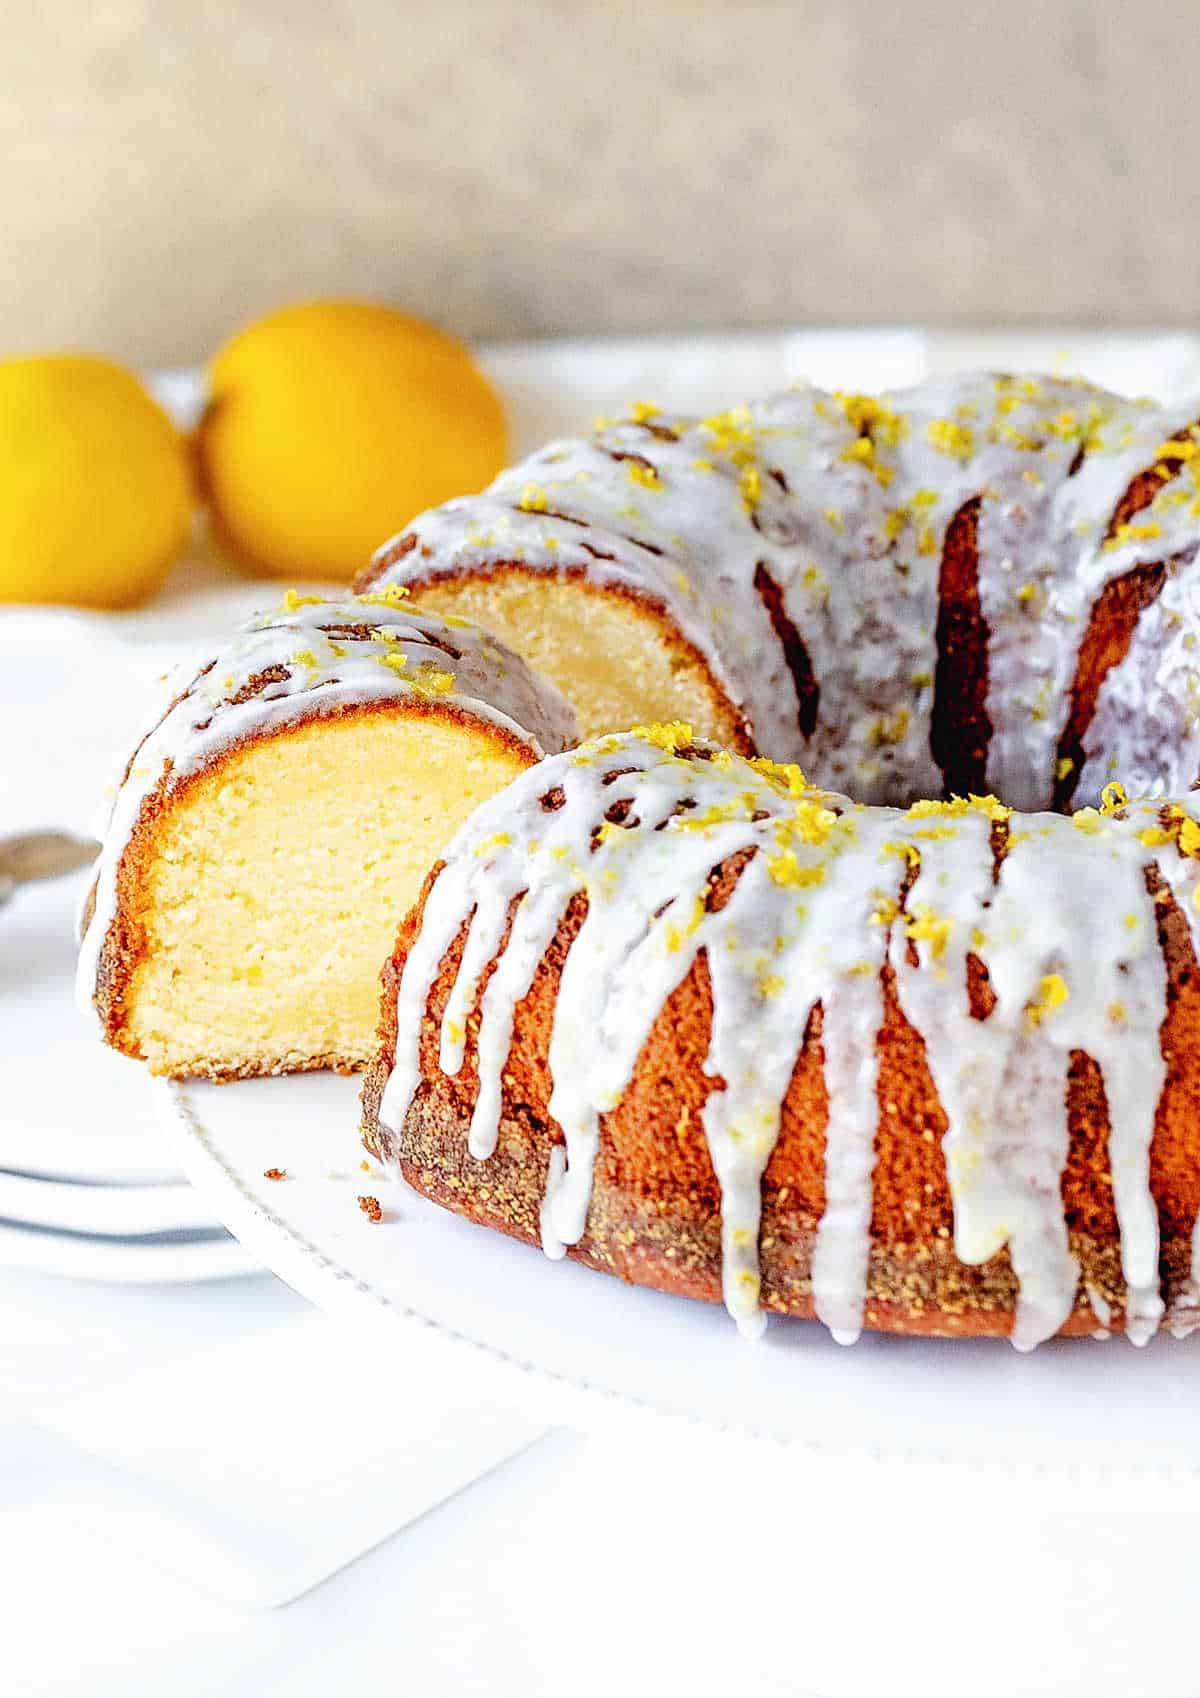 Glazed lemon bundt cake with cut slice, whole lemons, white beige background